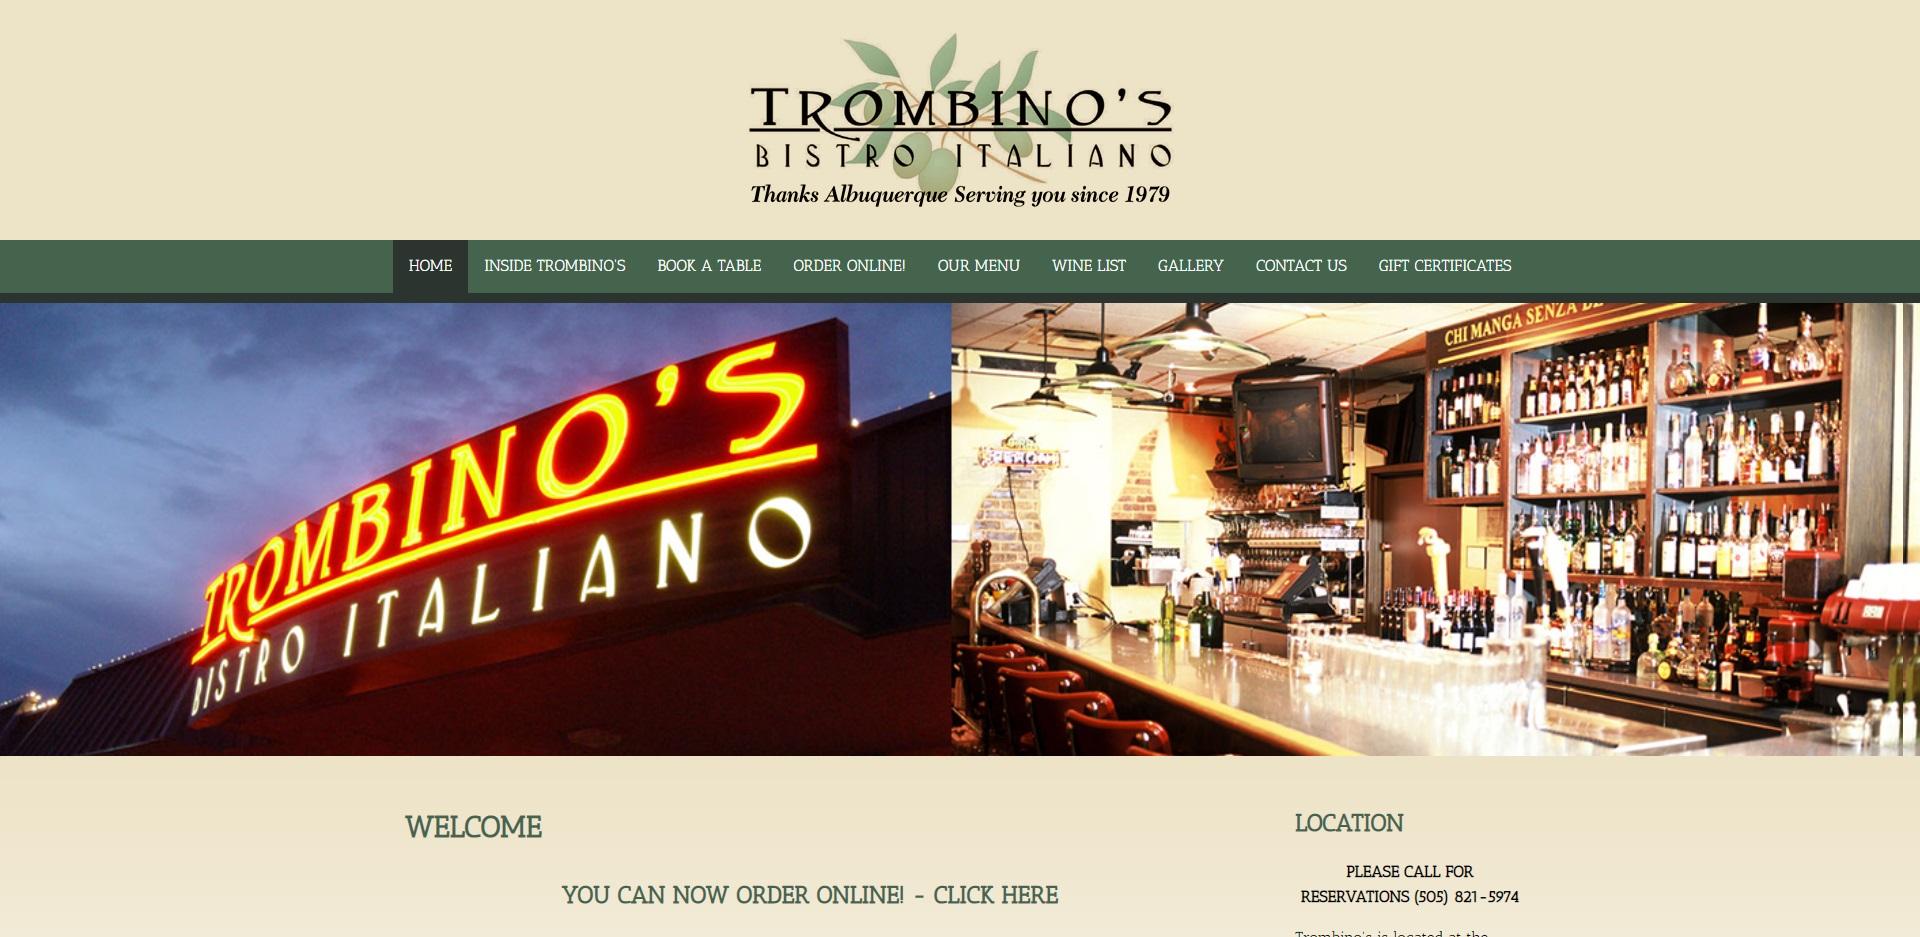 Best Italian Restaurants in Albuquerque, NM